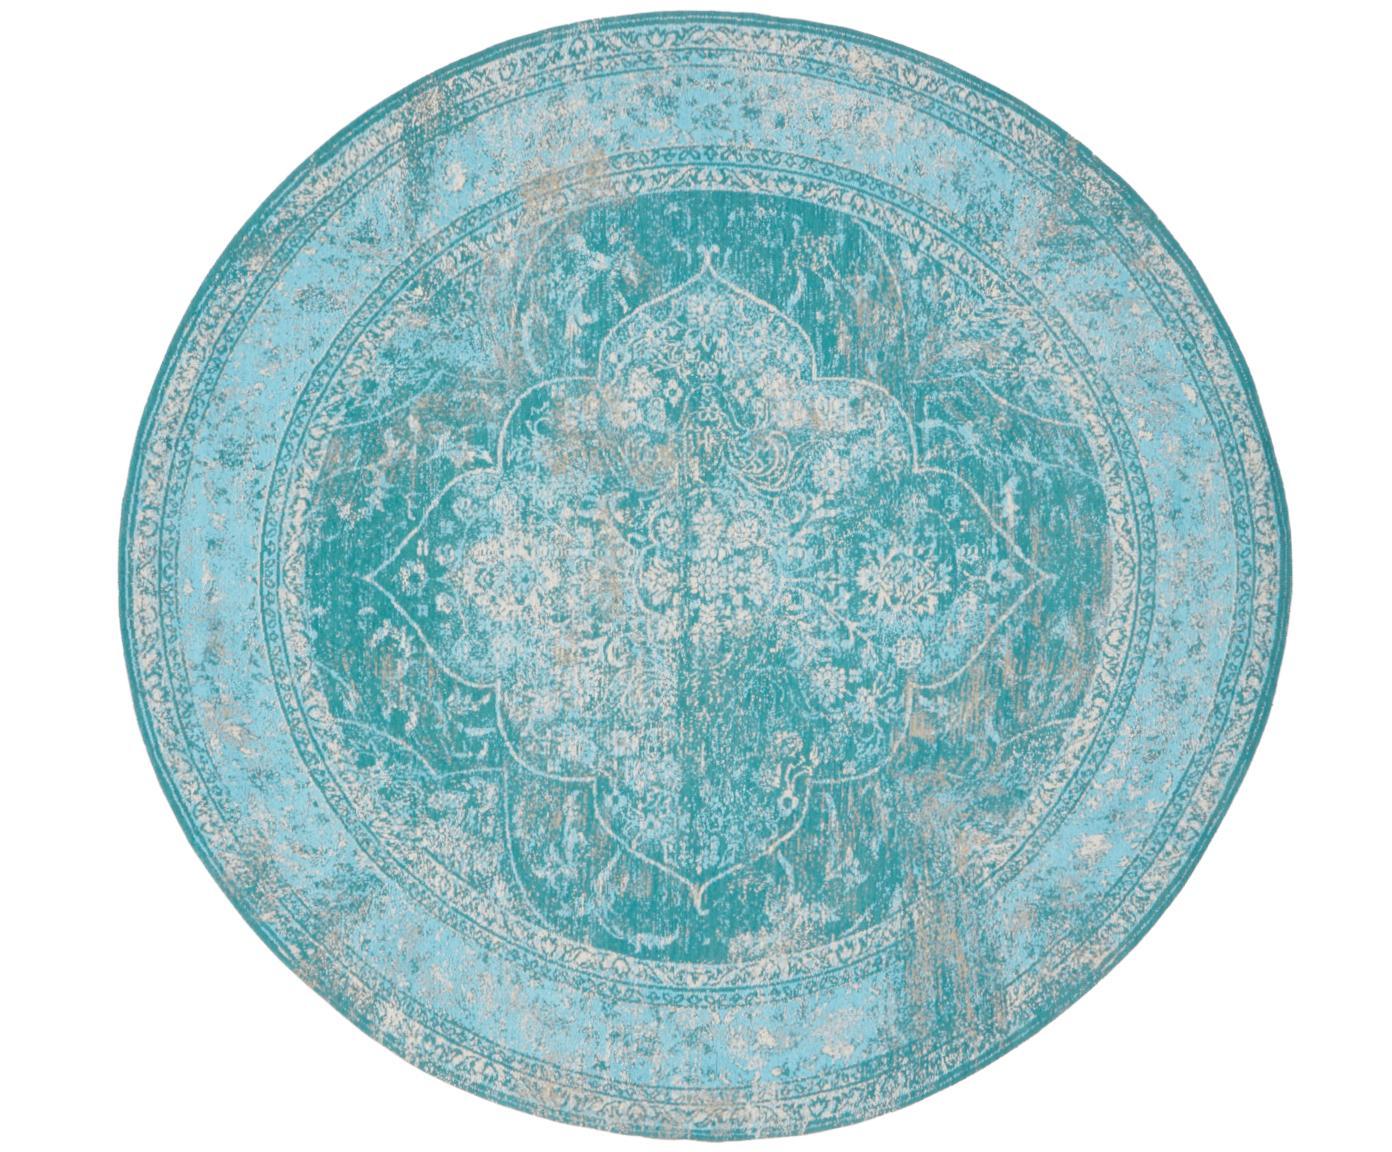 Alfombra redonda de chenilla Palermo, estilo vintage, Parte superior: 95%algodón, 5%poliéster, Reverso: 100%algodón, Turquesa, azul claro, crema, Ø 150 cm (Tamaño M)